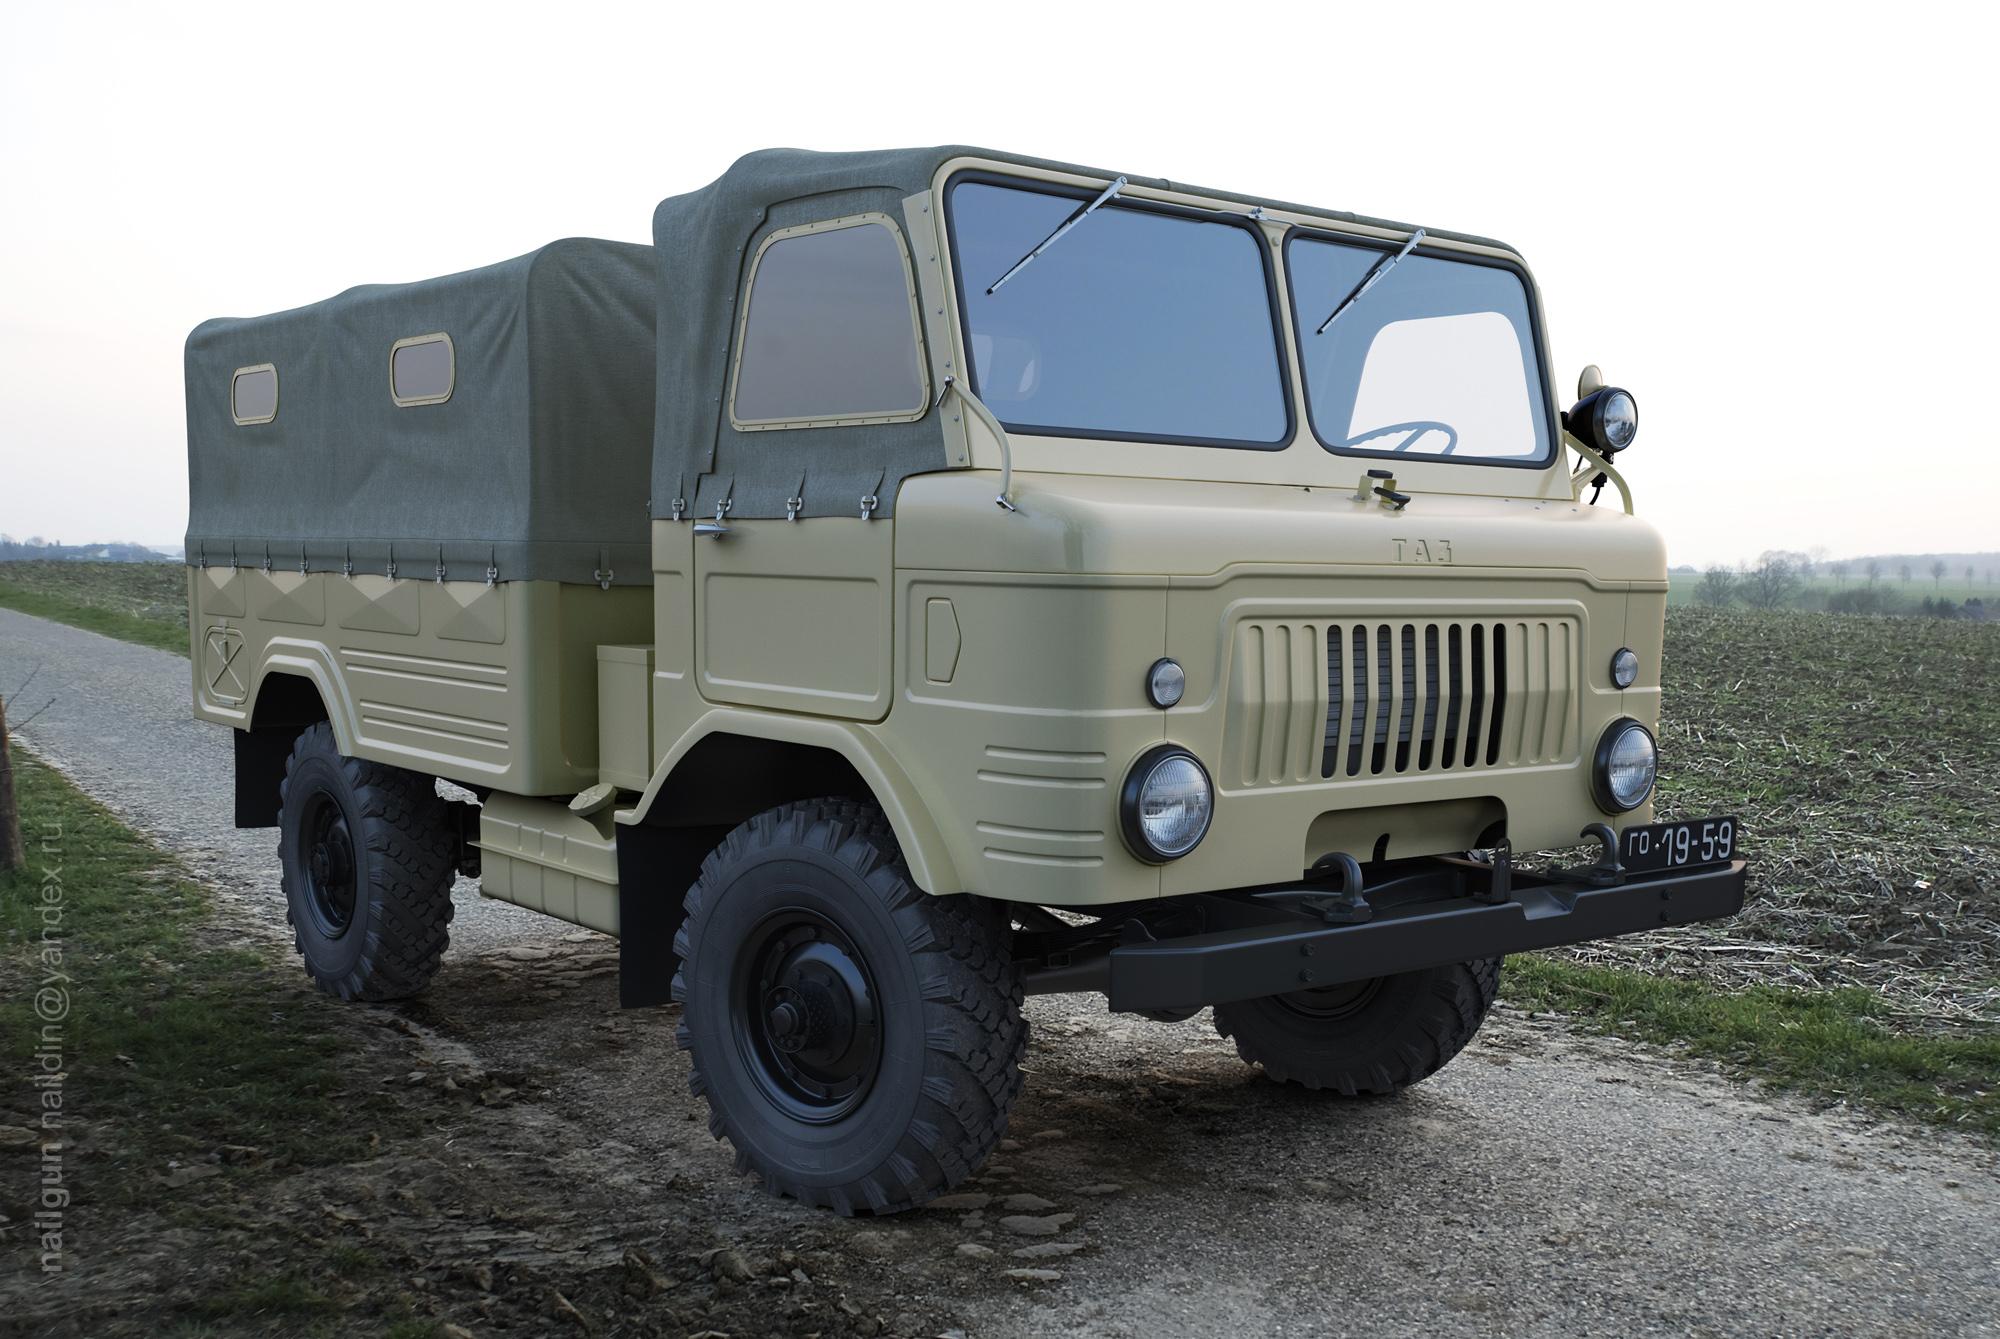 Russian army truck, 1959 3d art